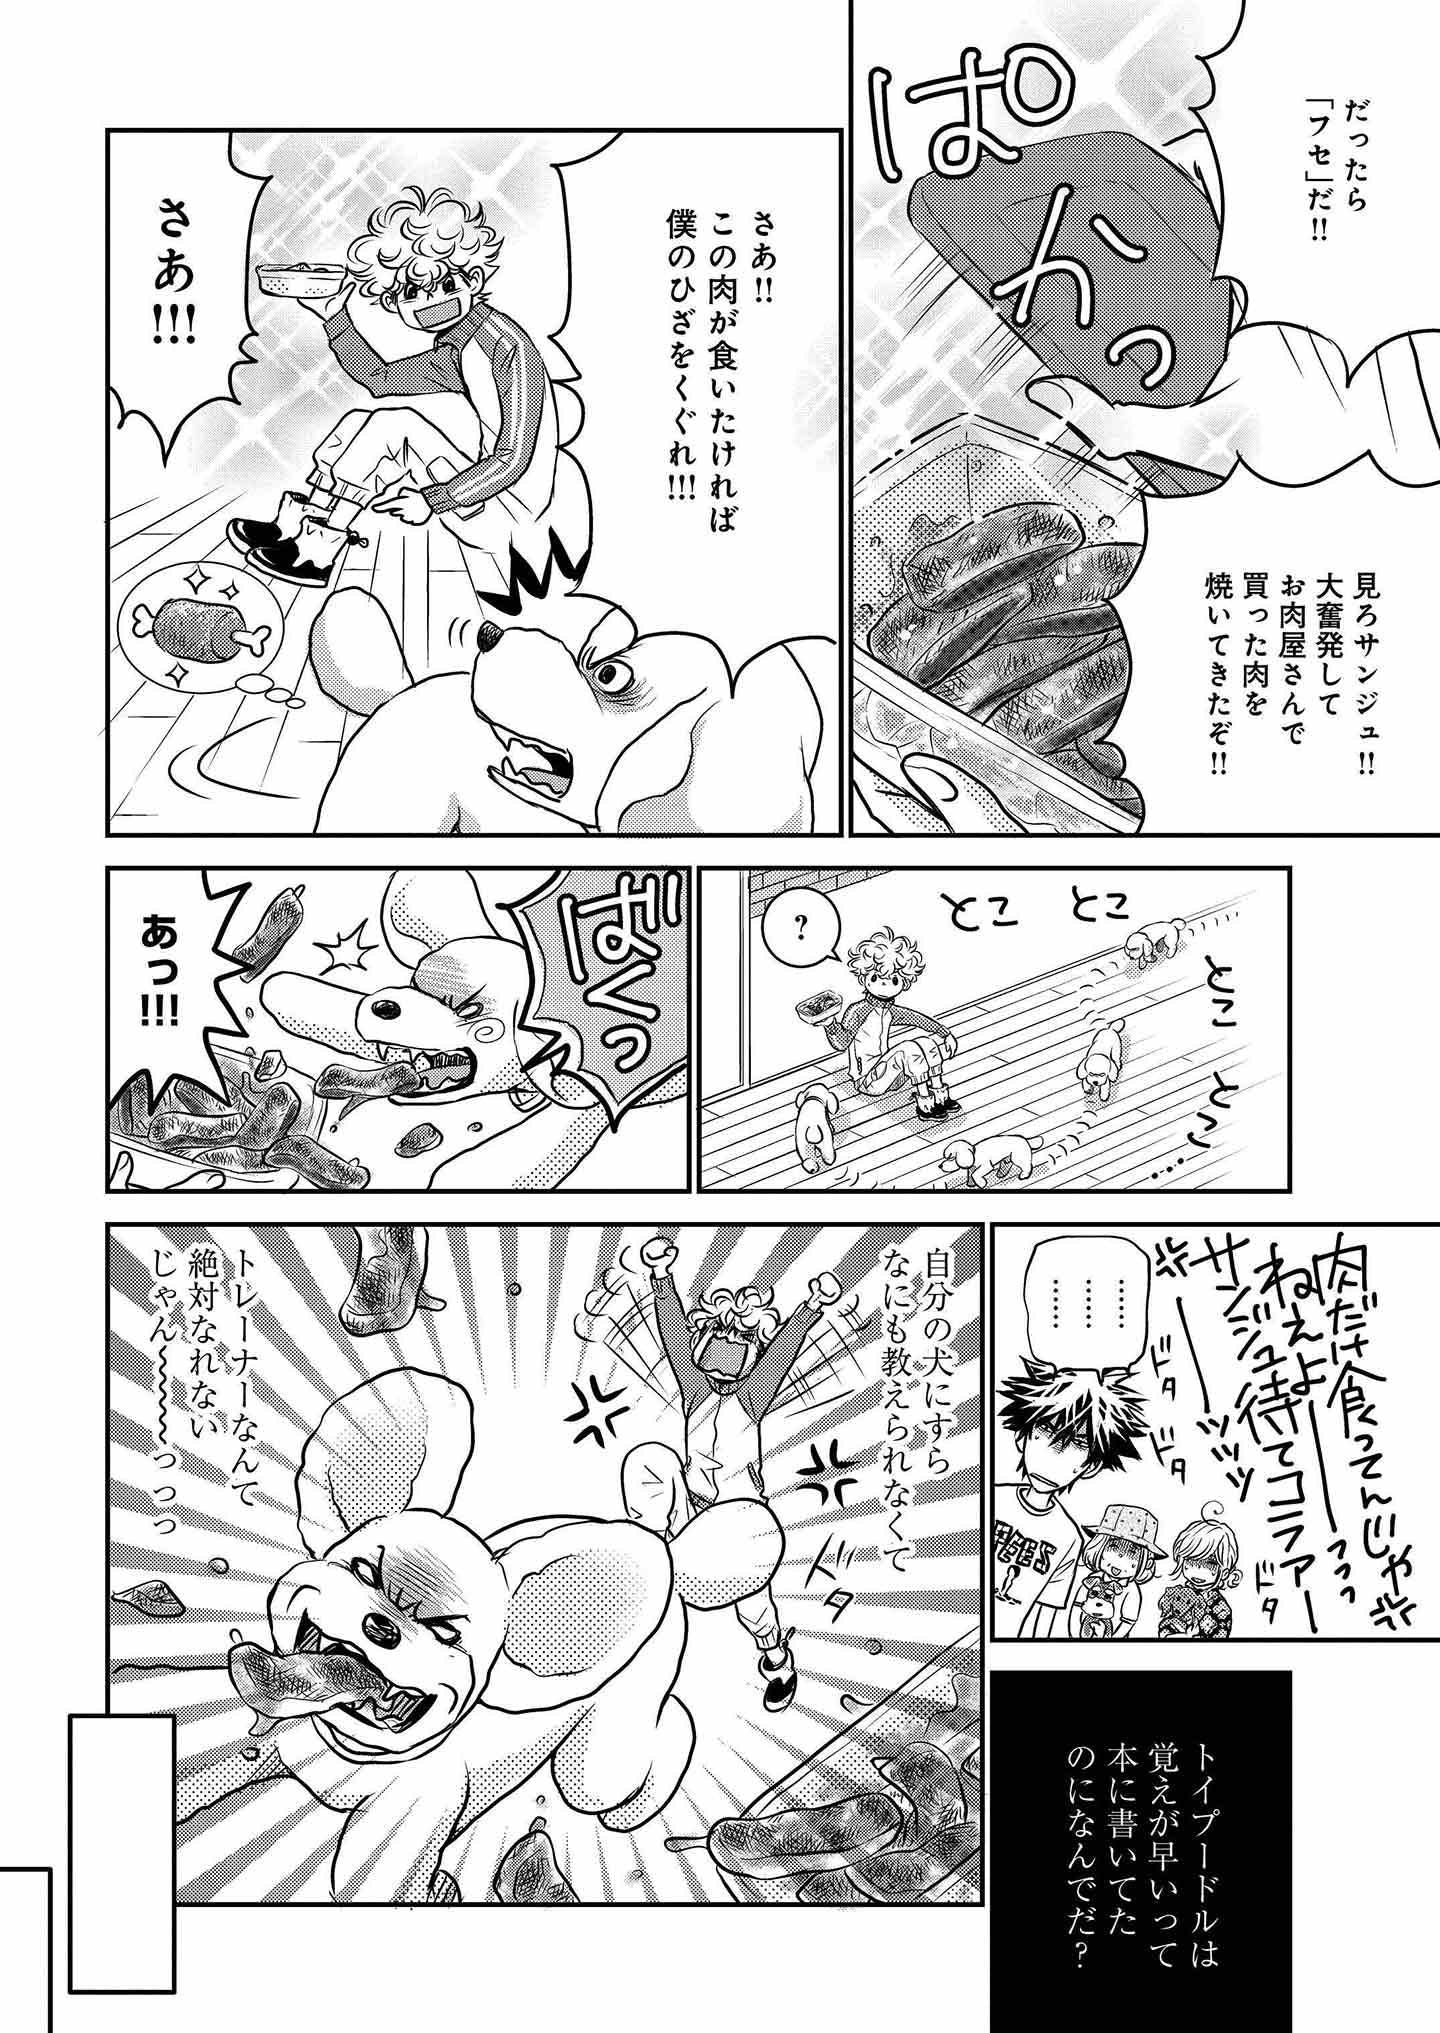 『DOG SIGNAL』12話目① 5ページ目